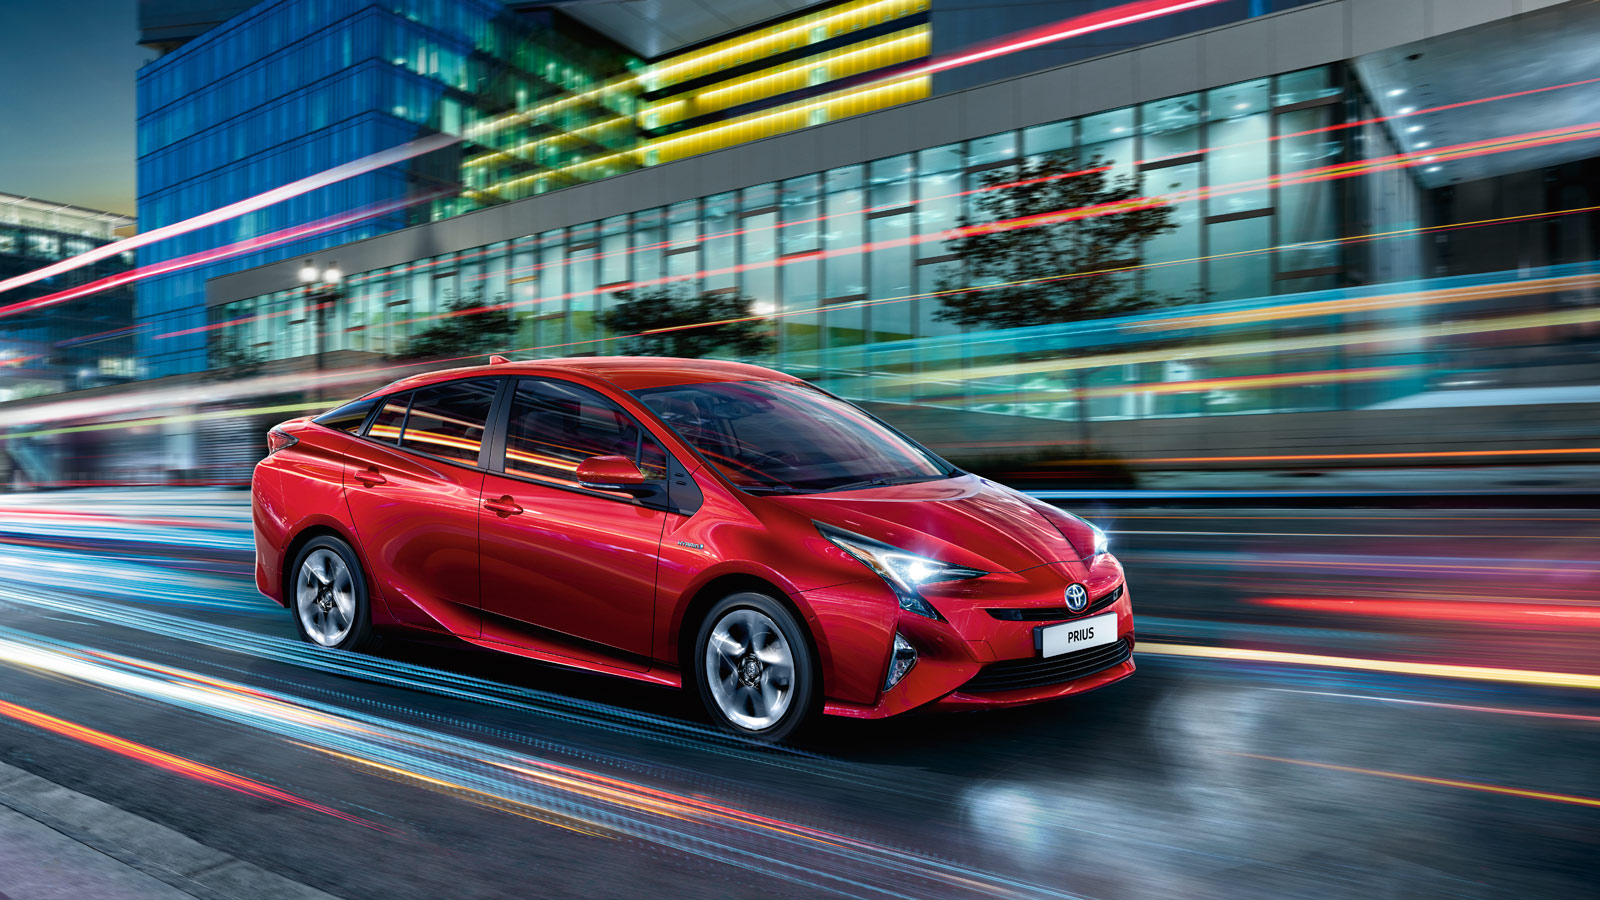 Toyota prius coches seguros